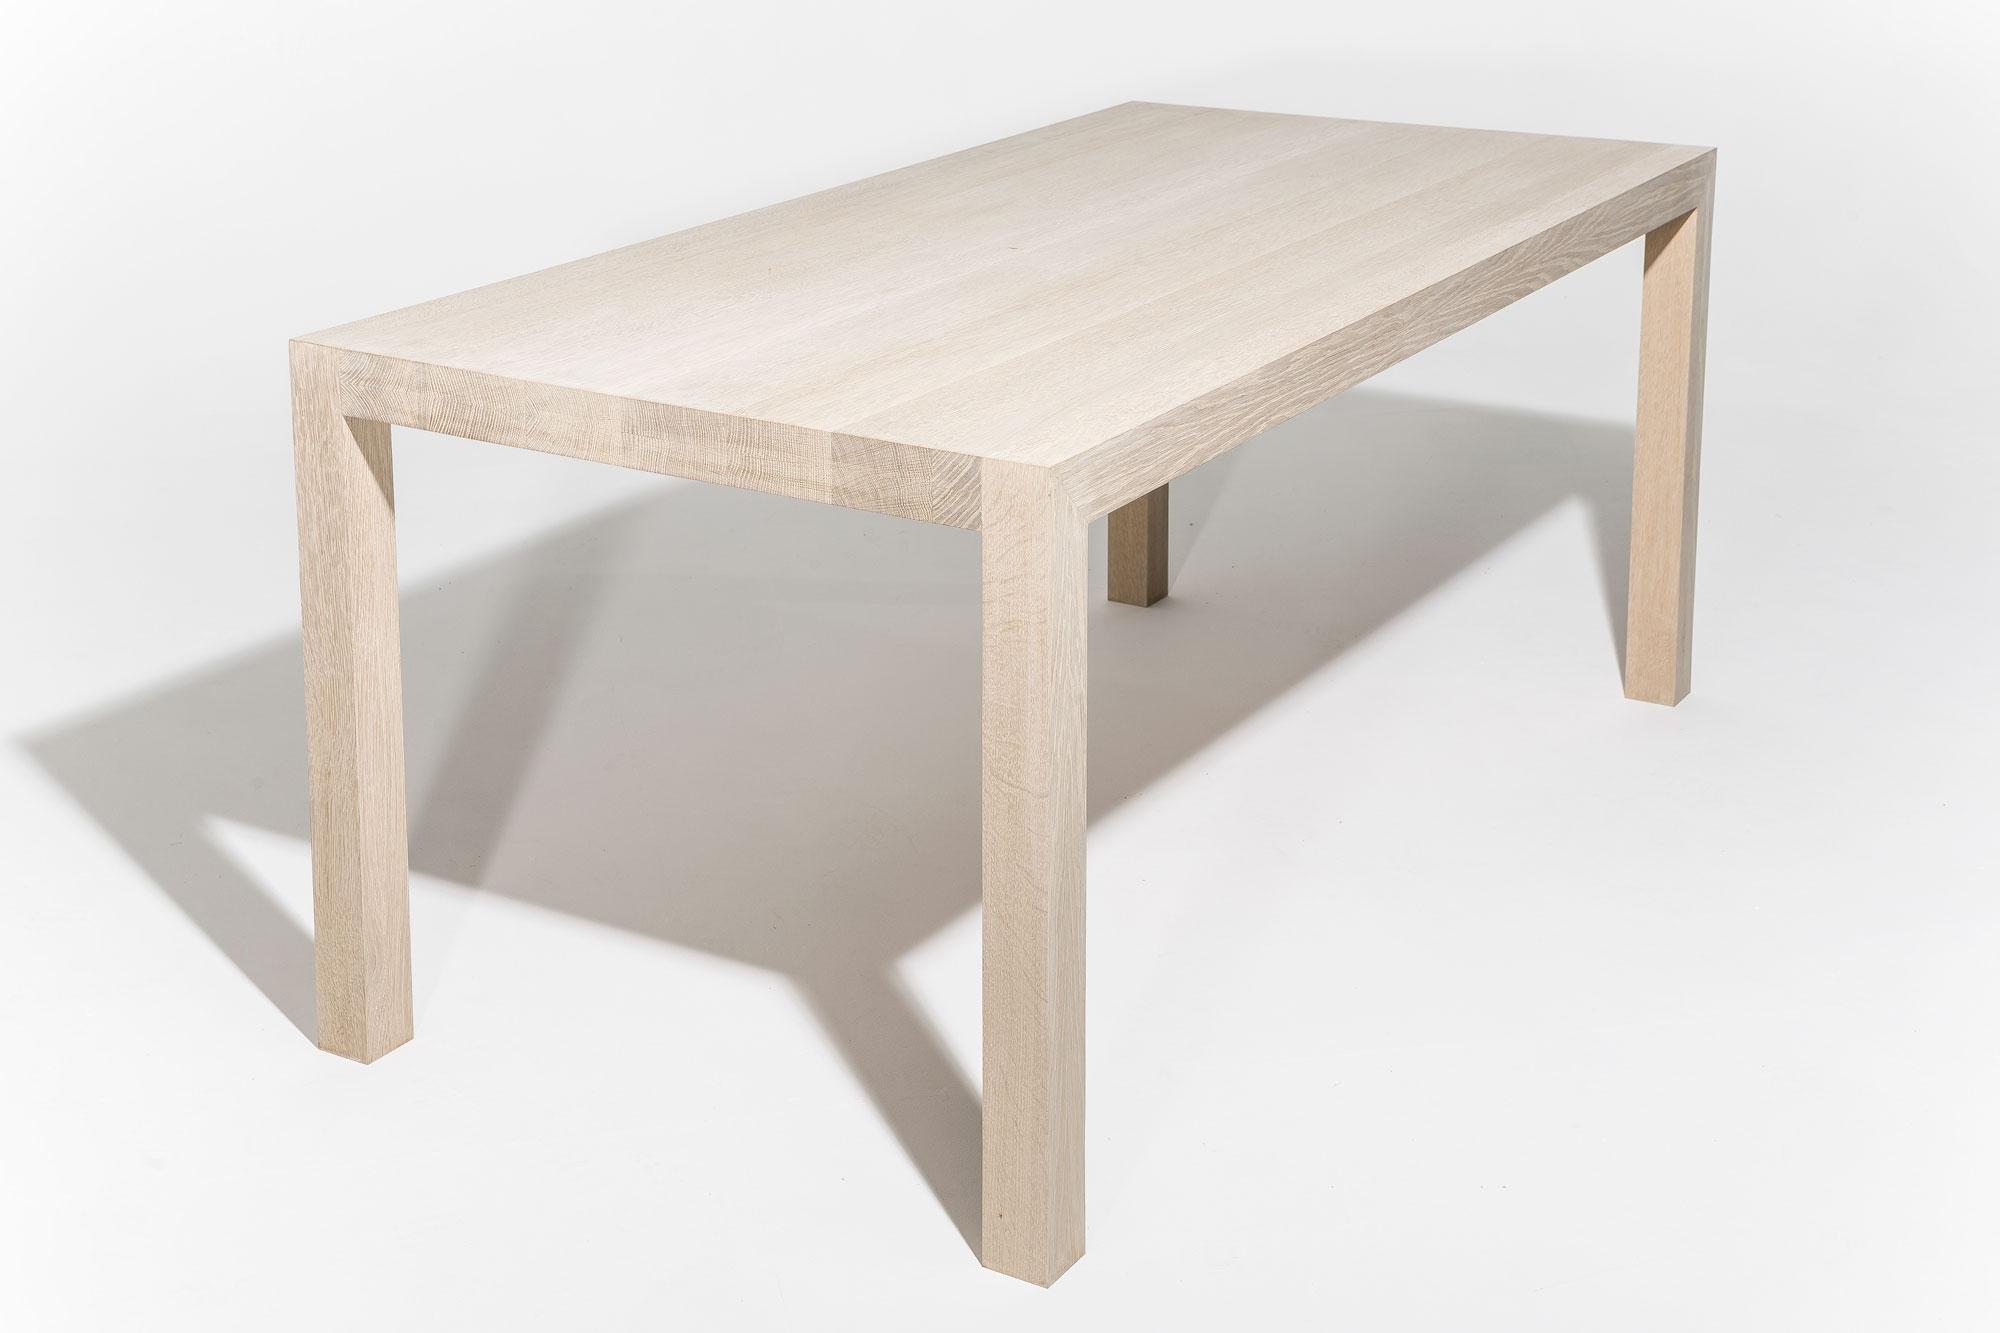 Eiken Tafel Schoonmaken : Onderhoud notenhouten tafel onderhoud houten meubels rofra home